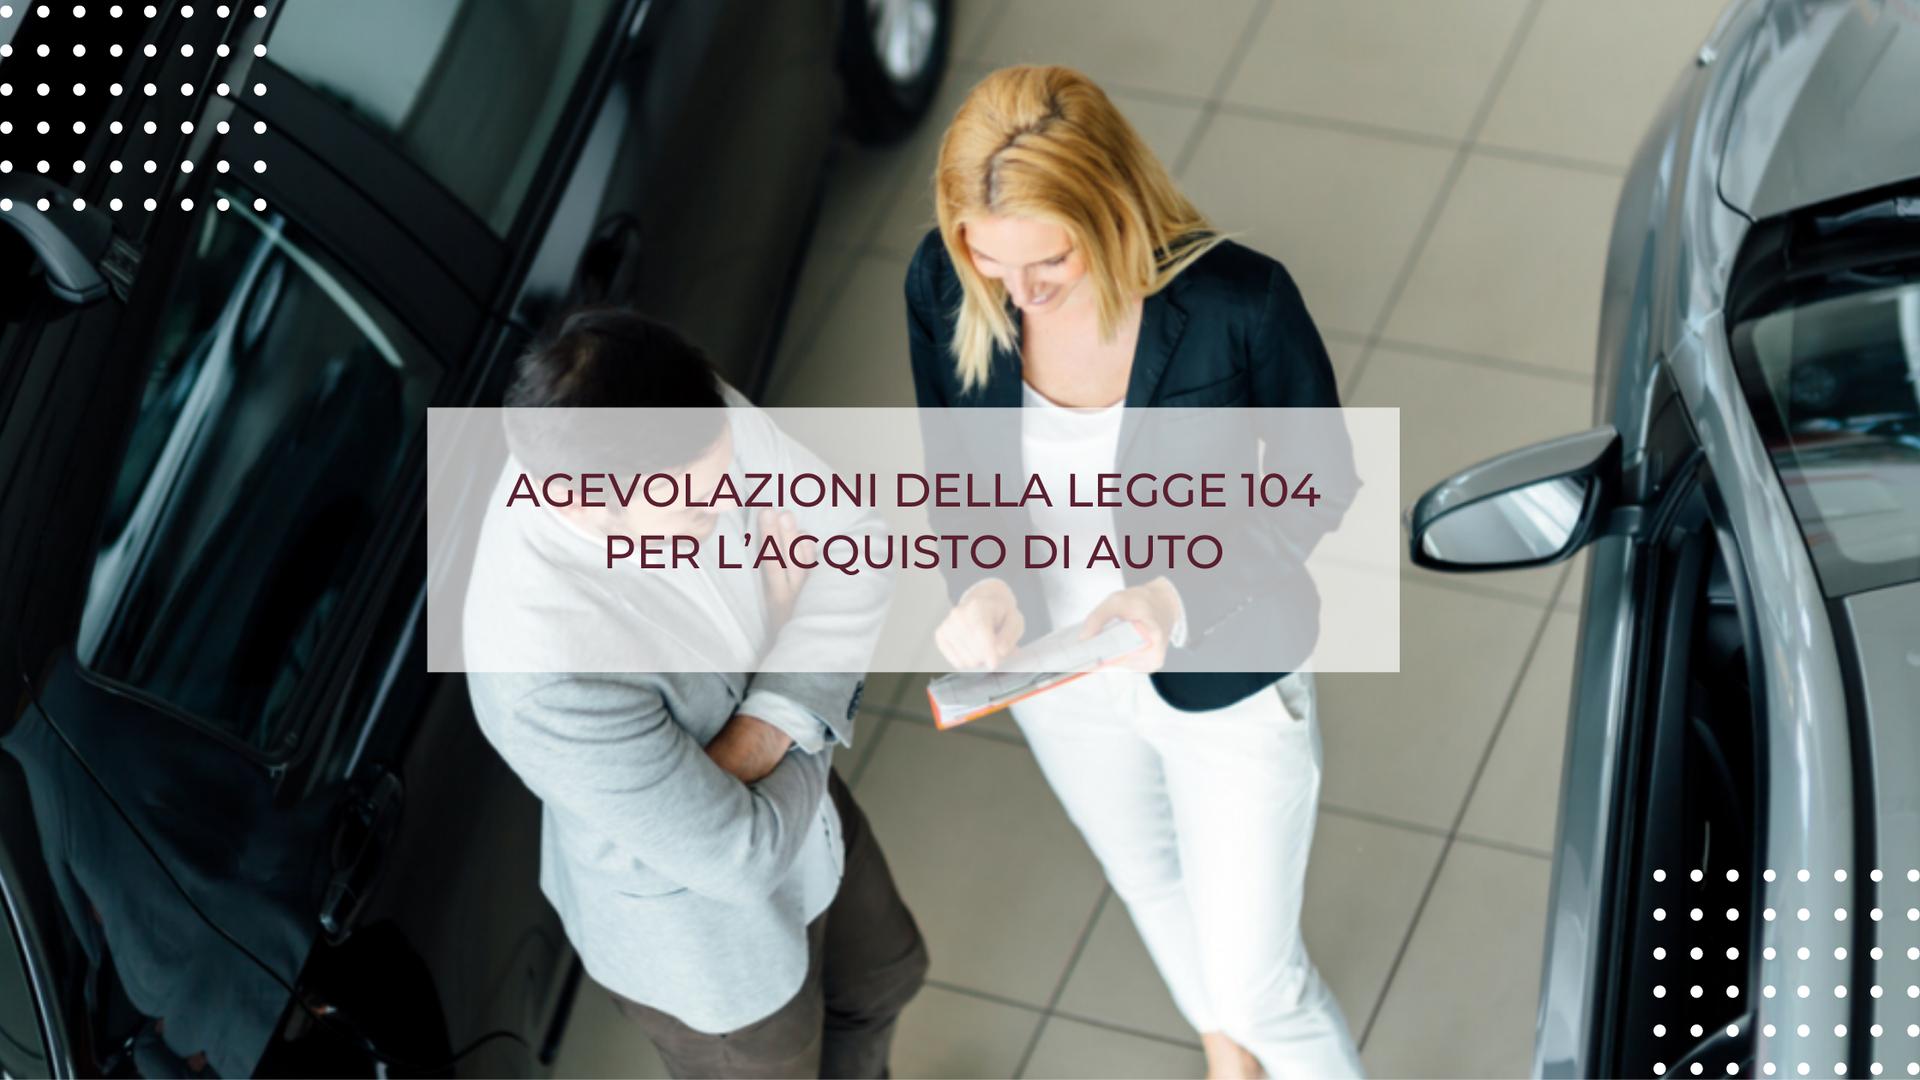 AGEVOLAZIONI DELLA LEGGE 104 PER L'ACQUISTO DI AUTO